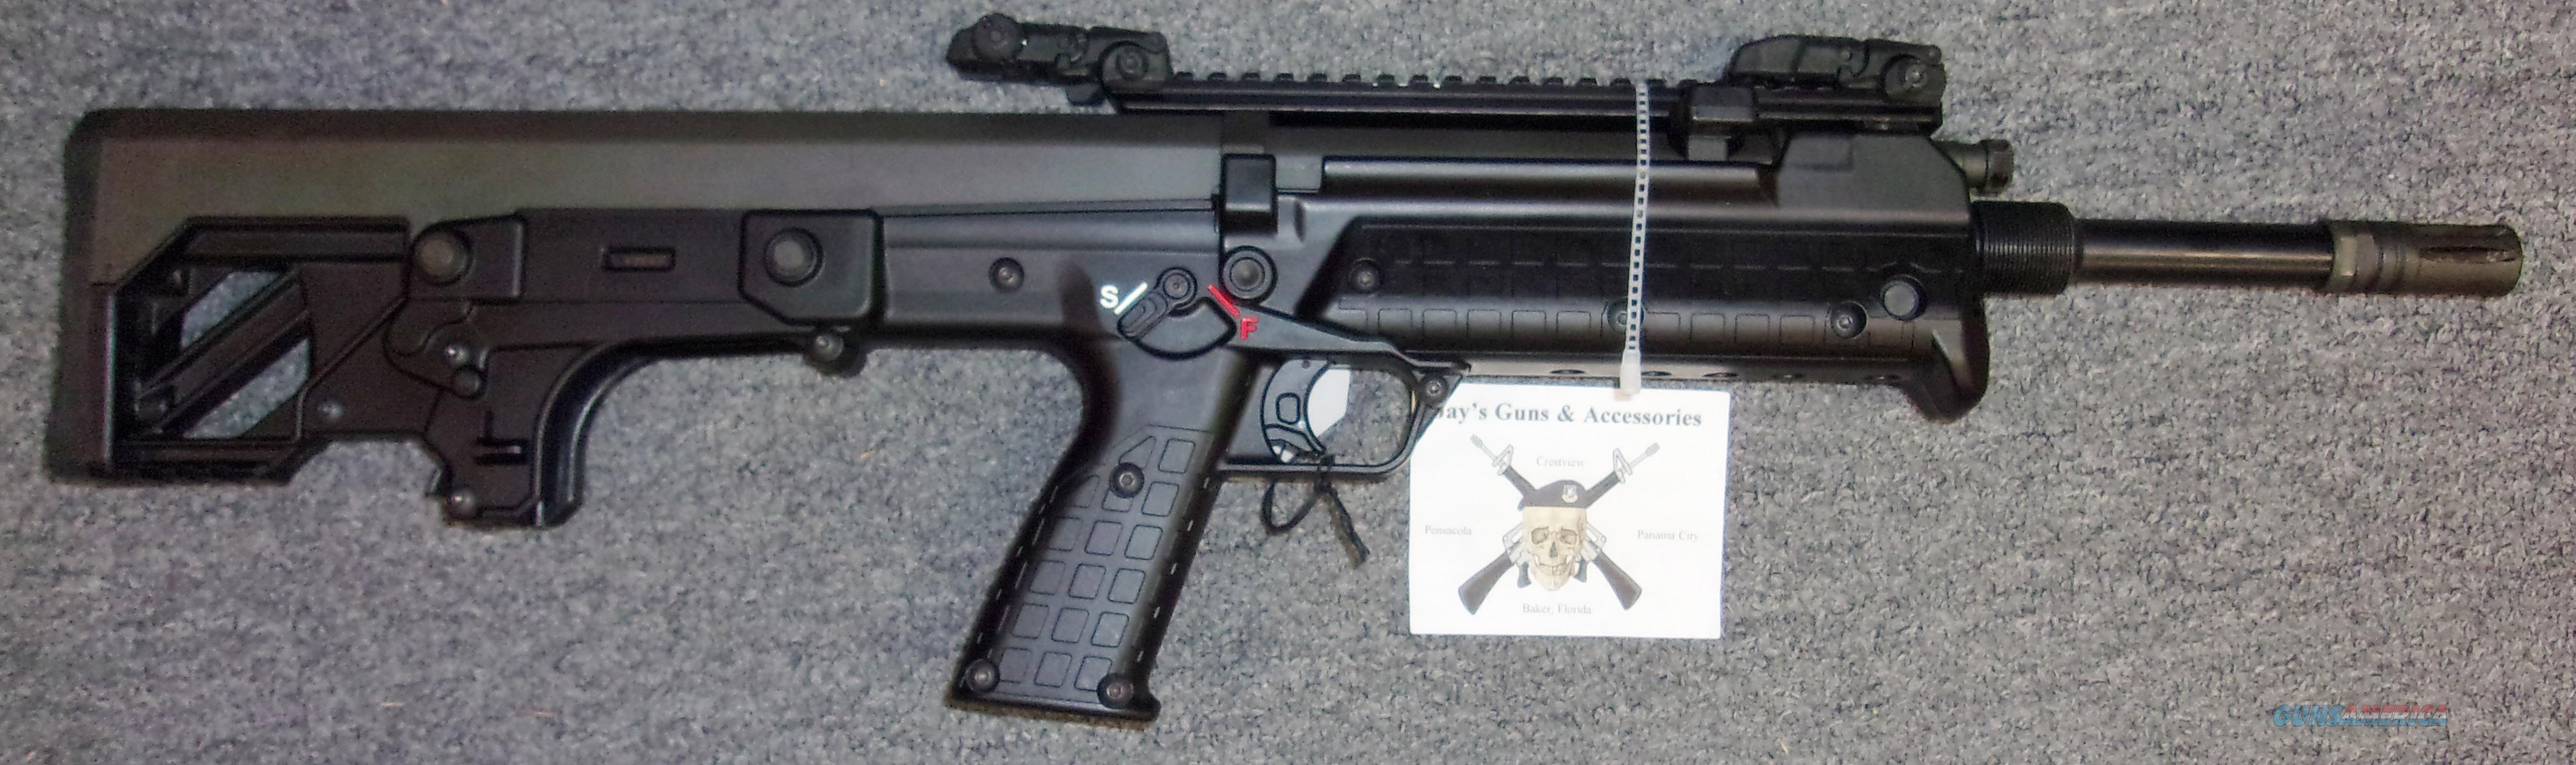 Kel-Tec RFB18  Guns > Rifles > Kel-Tec Rifles